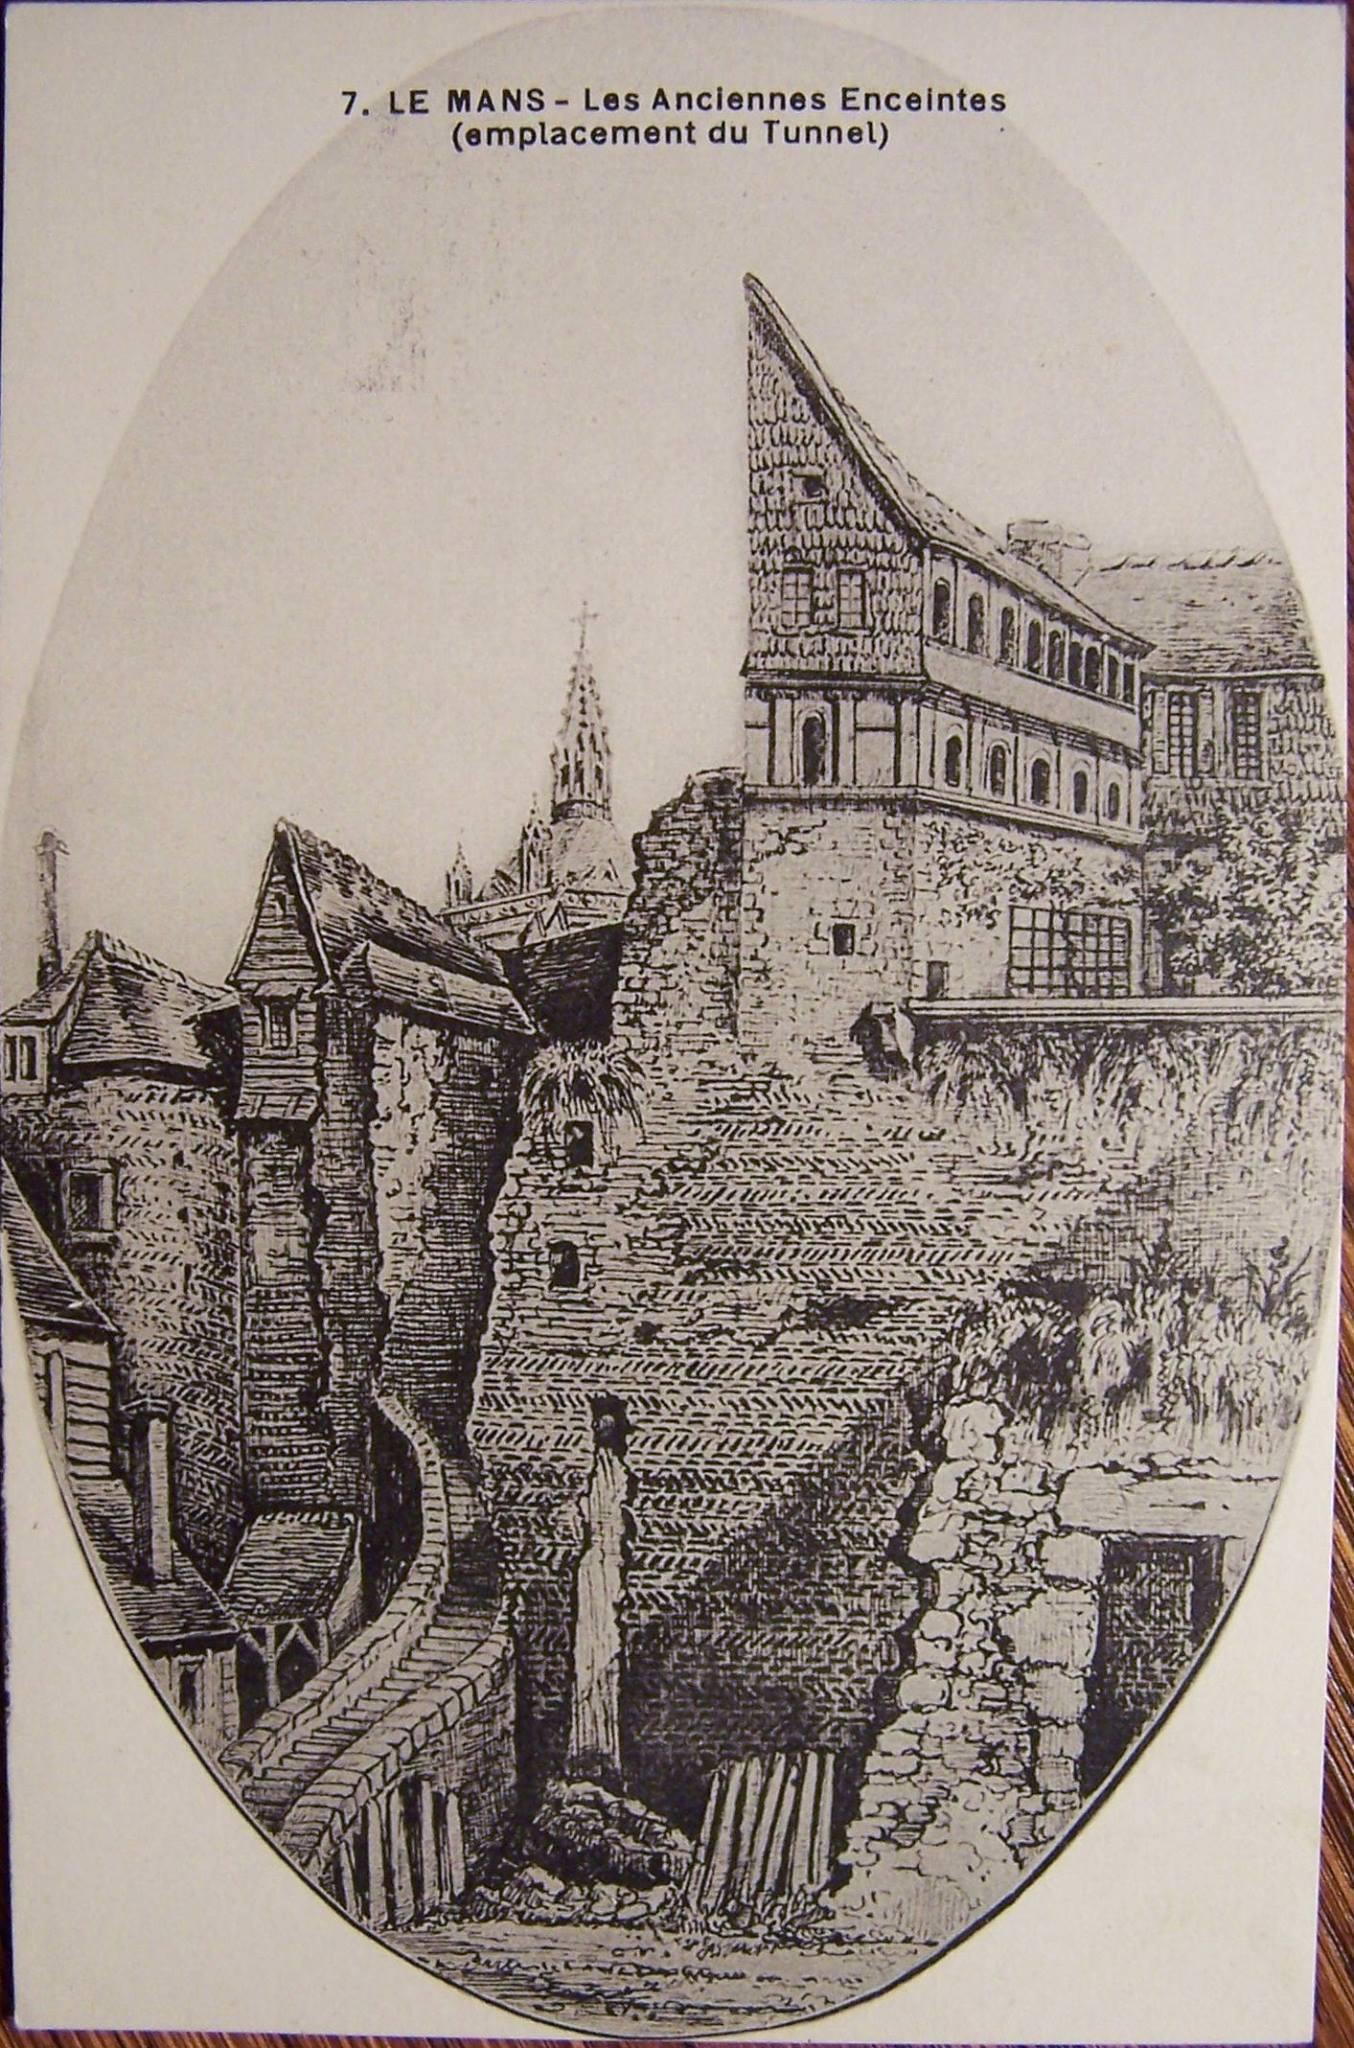 Le Vieux Mans - L'enceinte romaine - Les Anciennes Enceintes (emplacement du Tunnel) 02